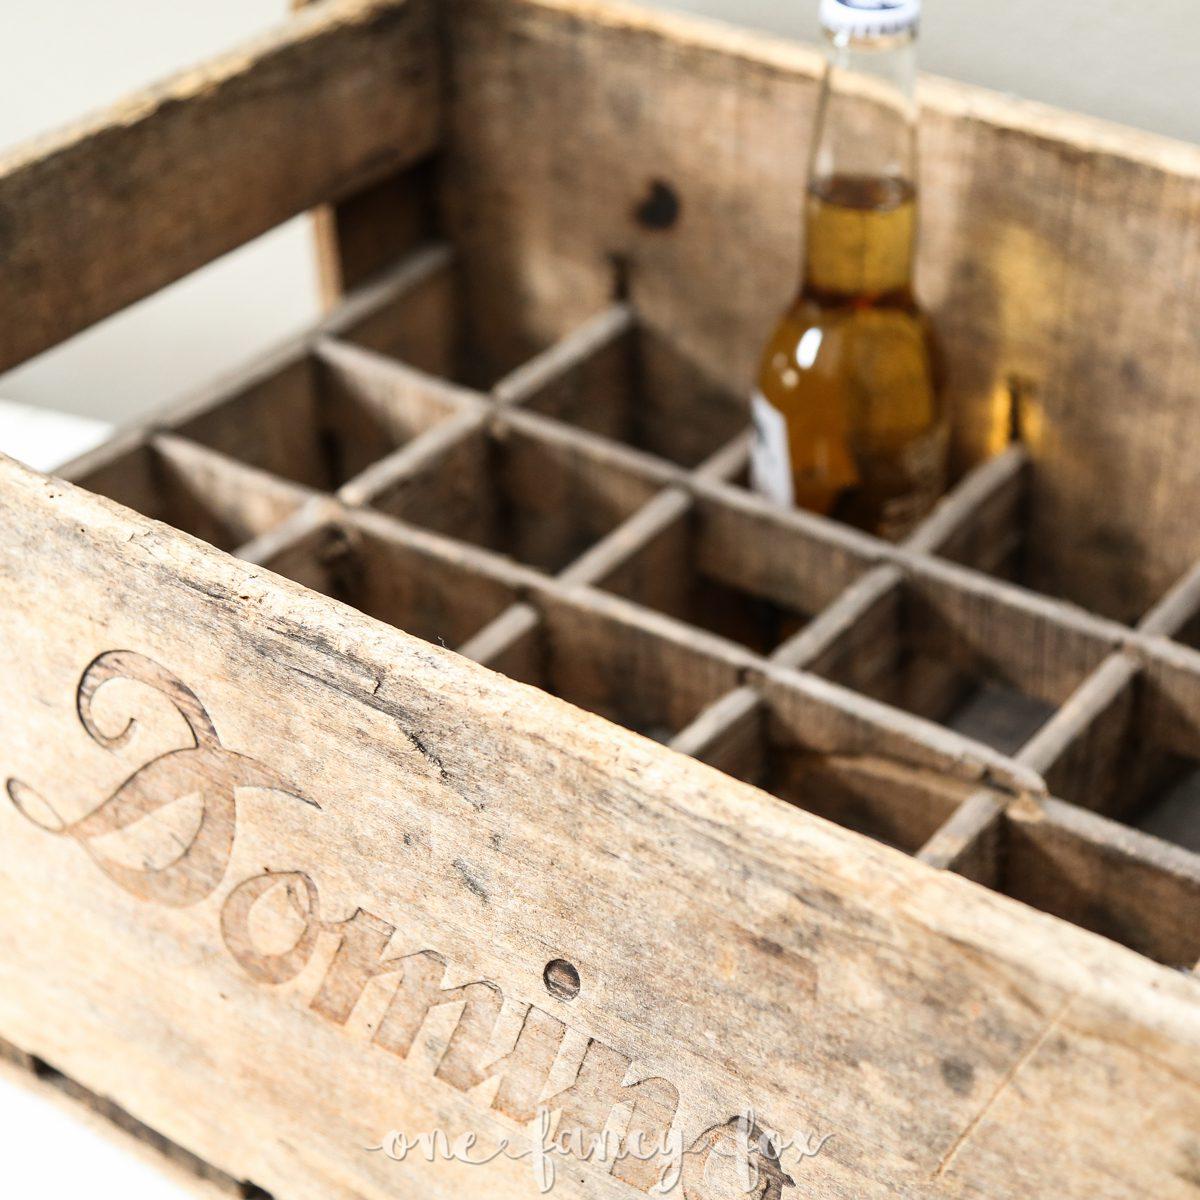 Antike Holzkiste für Bierflaschen im Verleih bei One Fnacy Fox Vintage und Hochzeitsverleih Berlin